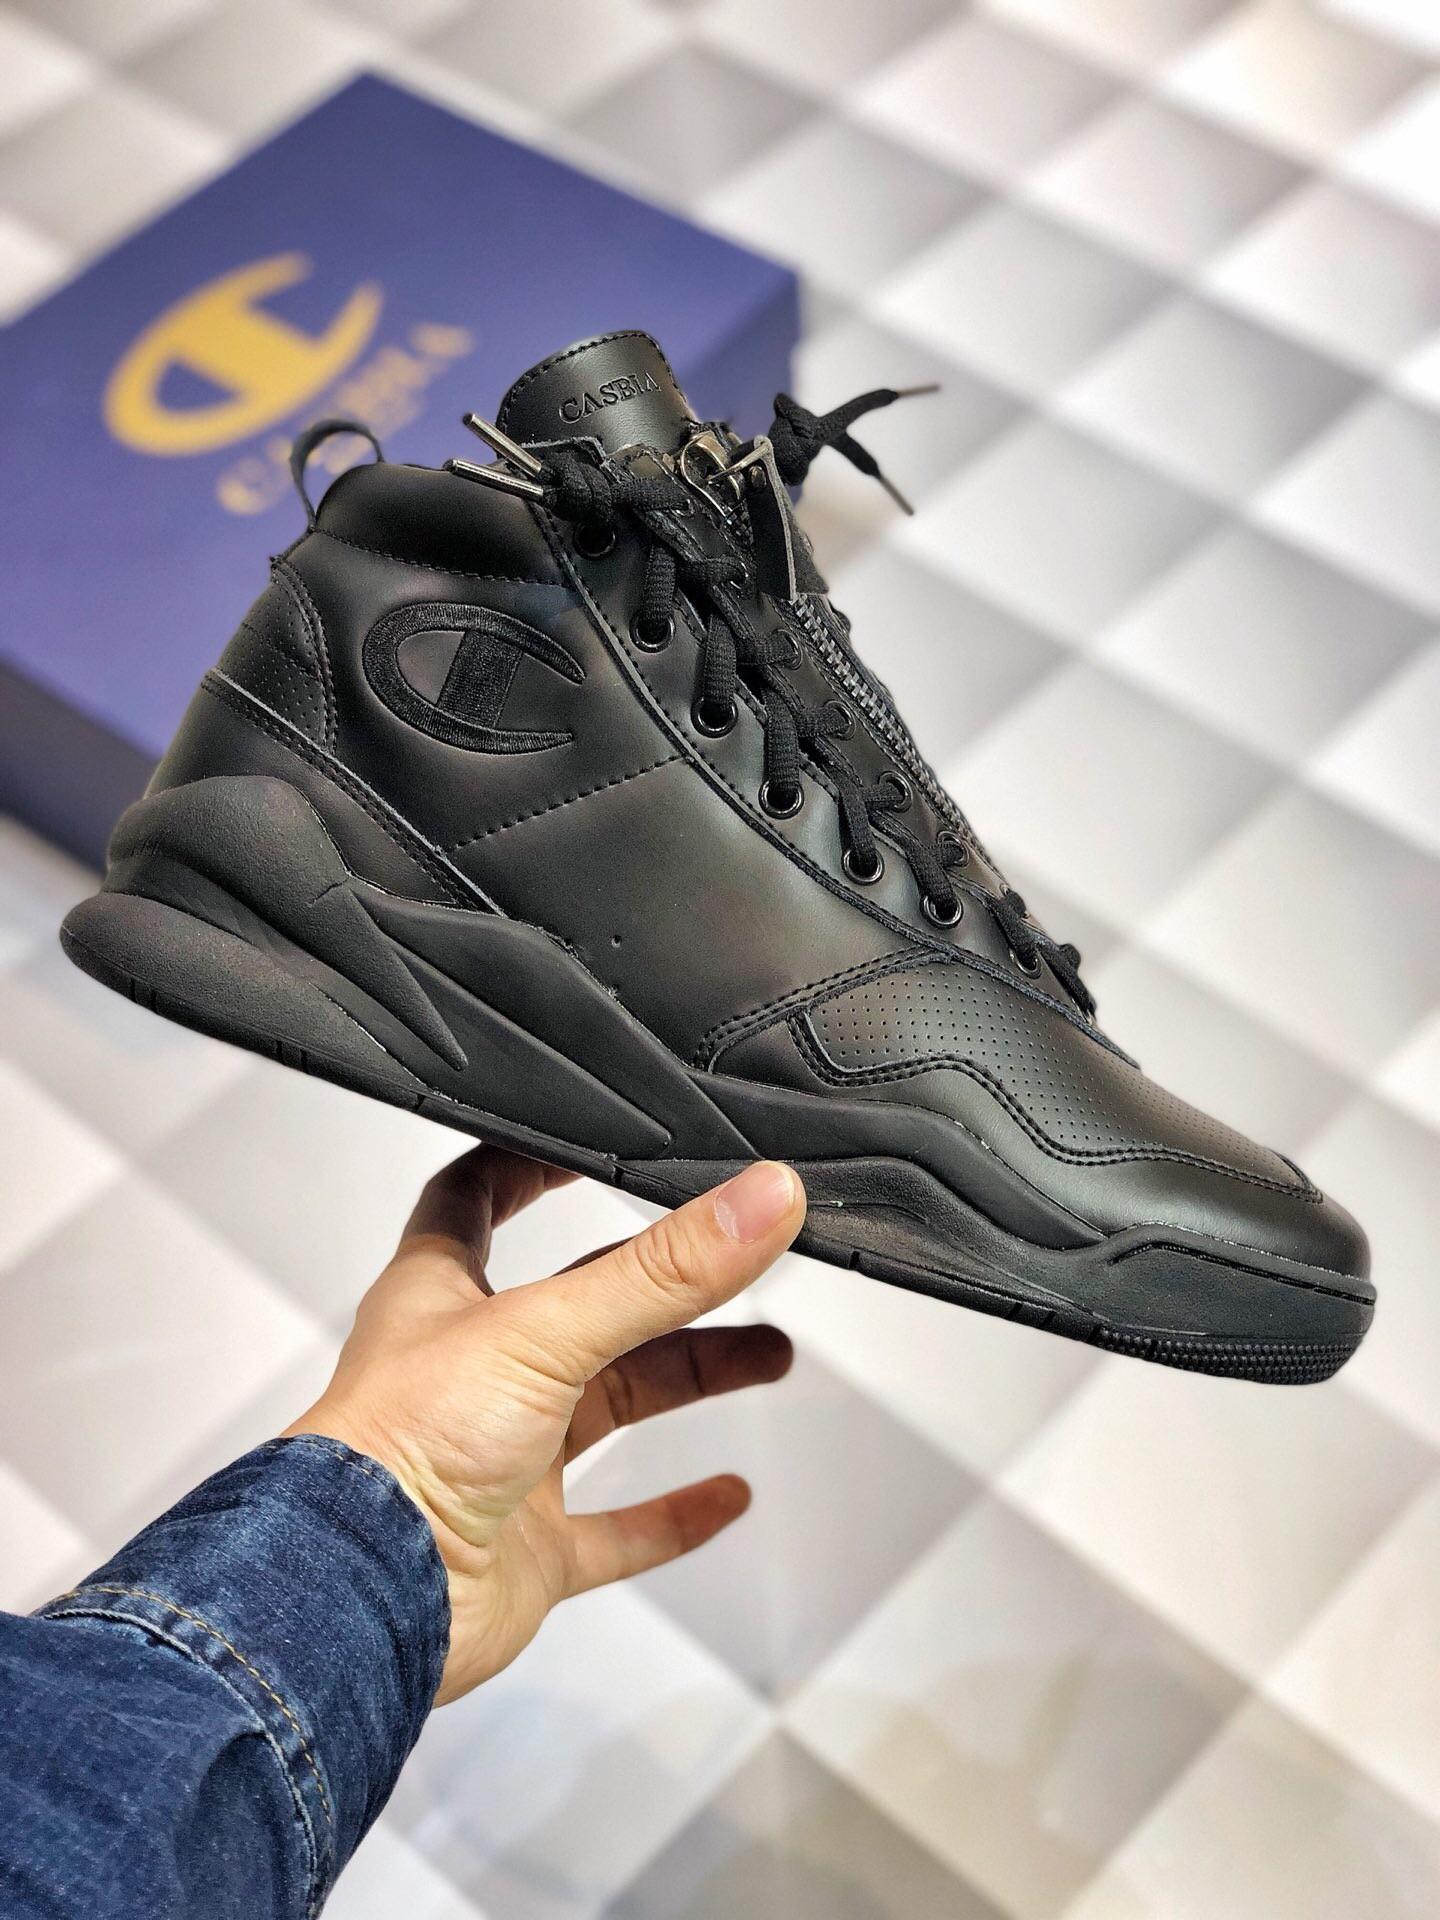 b3b9df73d557fe 2018 New Replica Champion Low Black Basketball Shoes 1 1 Quality